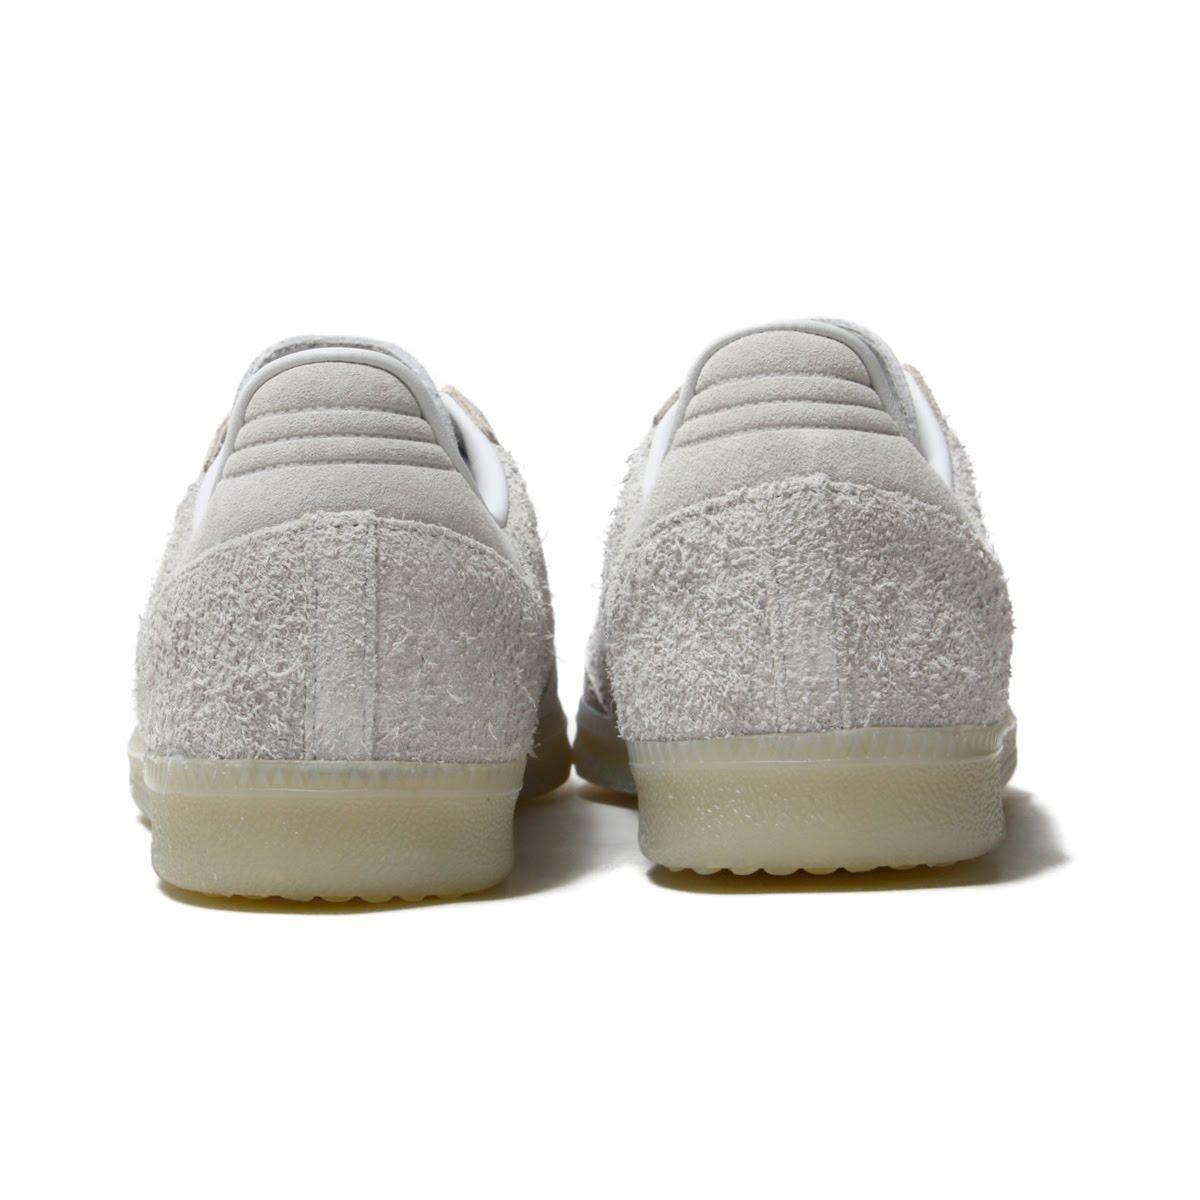 pretty nice 312e1 14d6b adidas Originals SAMBA OG (Adidas originals samba OG) Crystal White Crystal  White Chalk Pearl 18FW-I